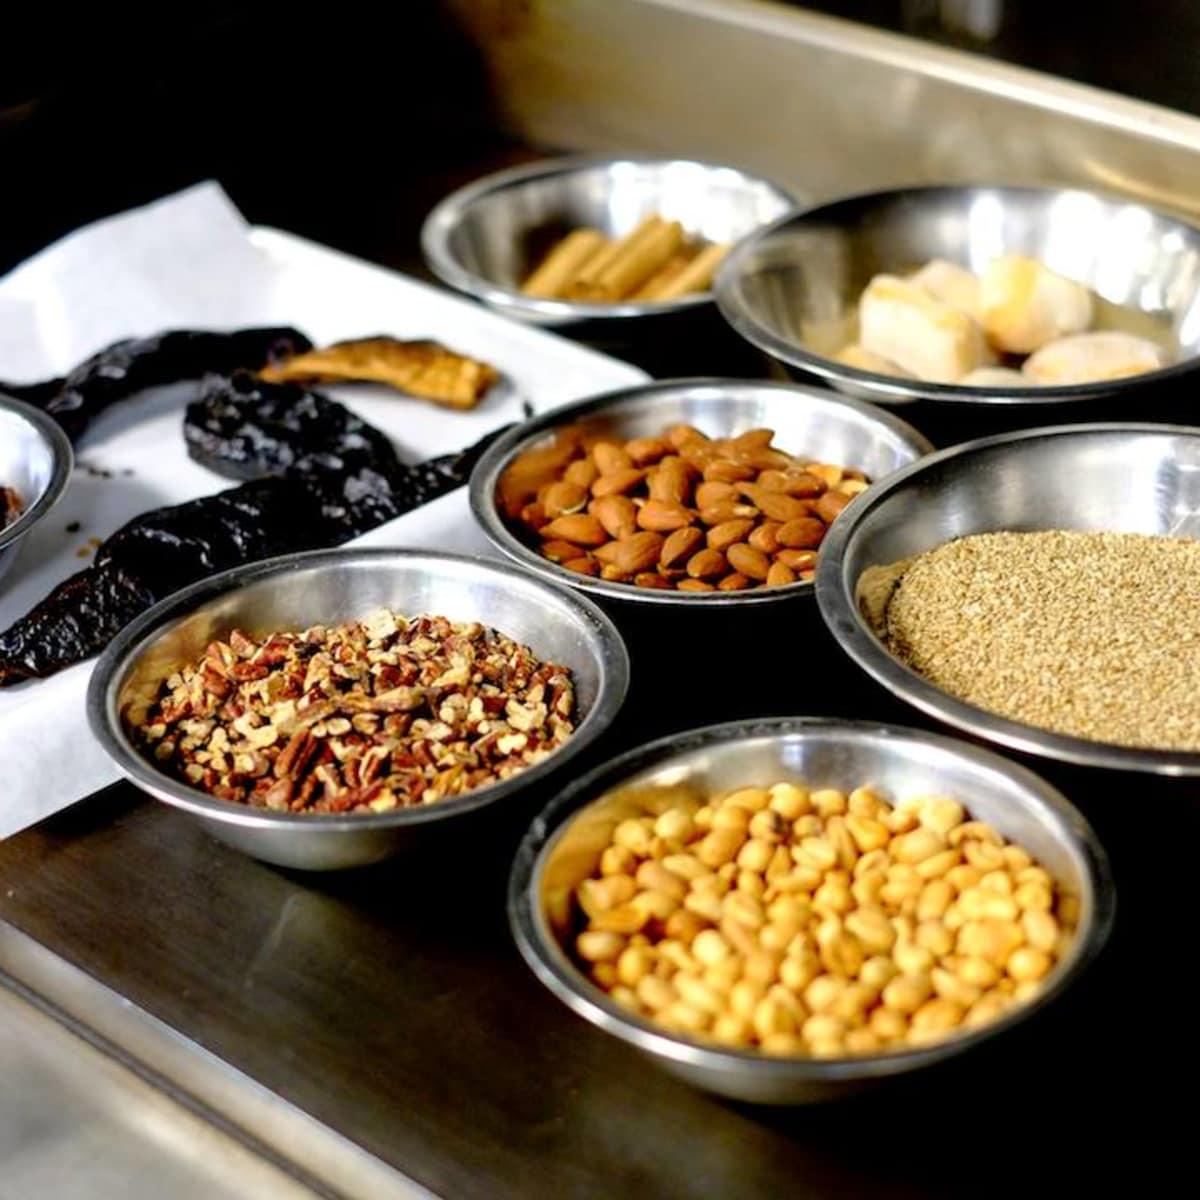 El Naranjo mole negro ingredients